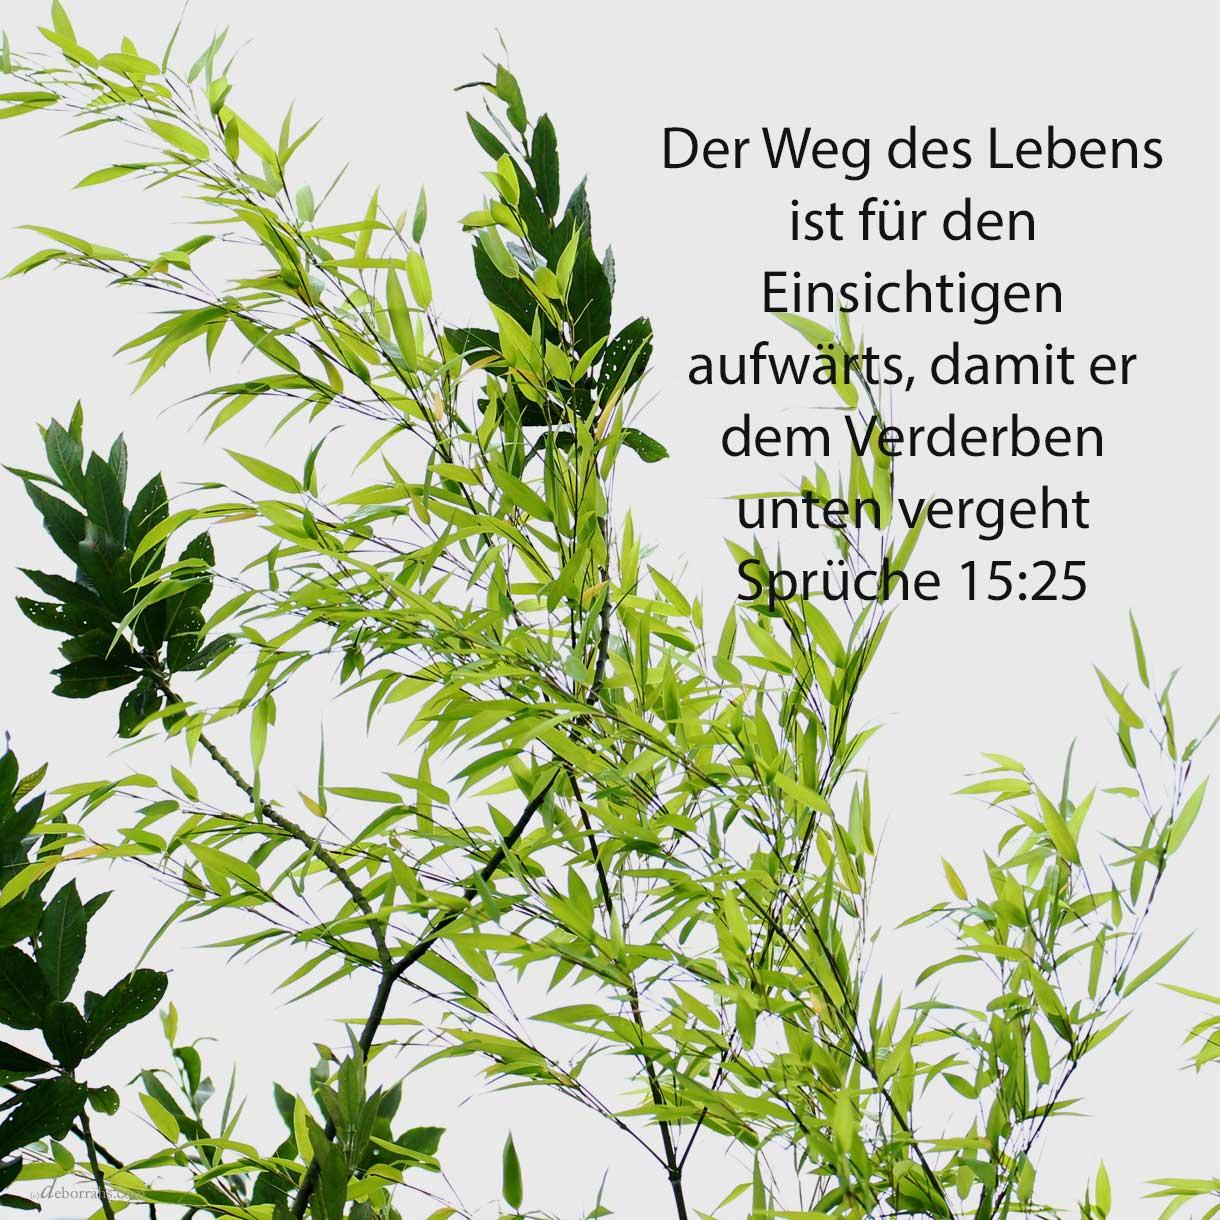 Der Weg des Lebens ist für den Einsichtigen aufwärts, damit er dem Scheol unten entgehe ( Sprüche 25,24 )